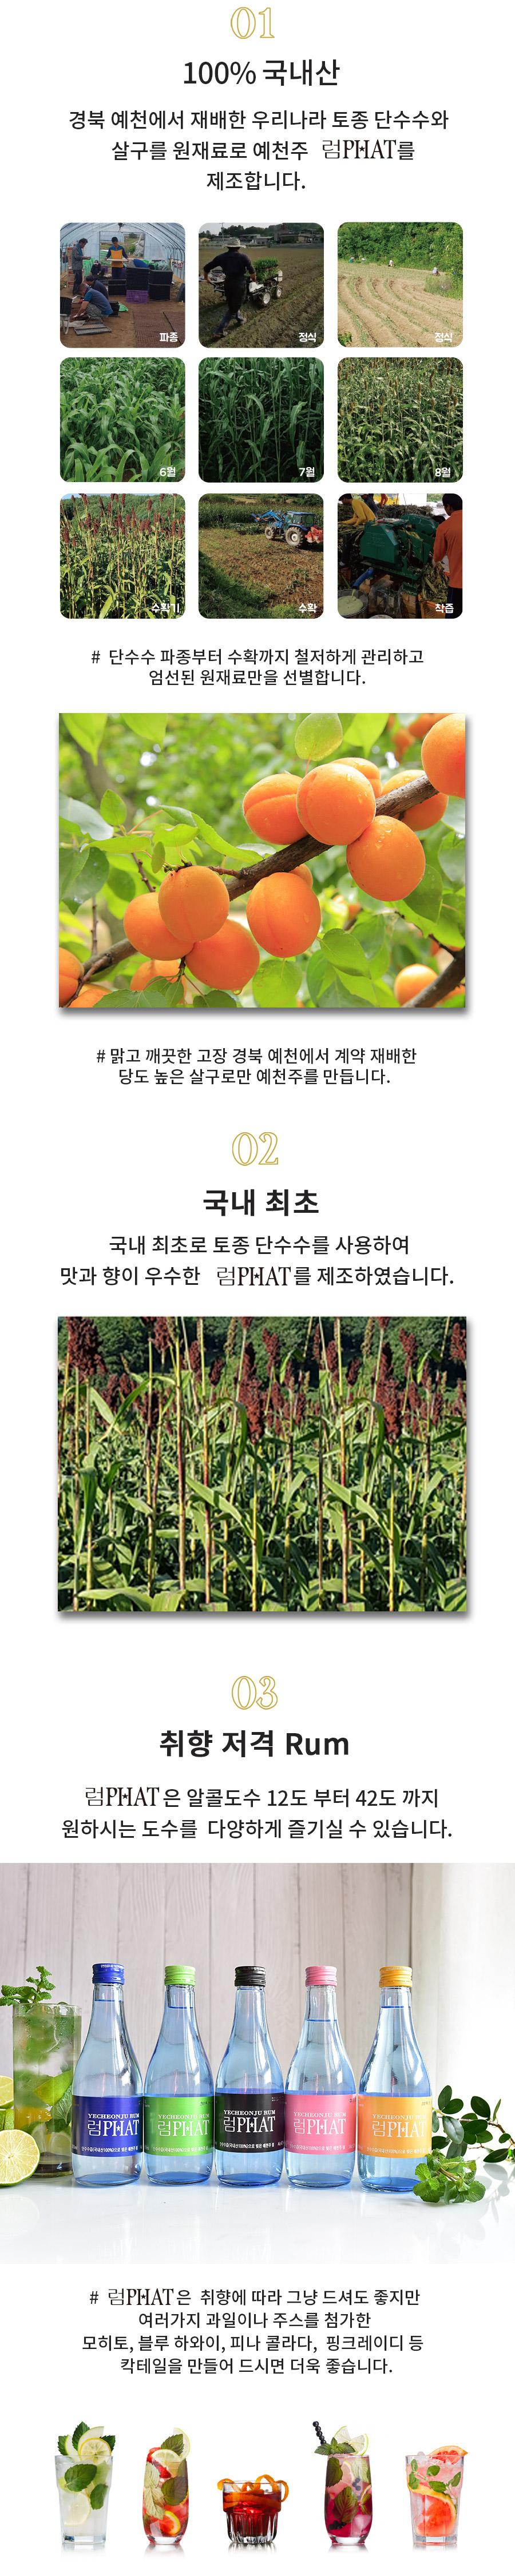 07-럼-파랑_02.jpg